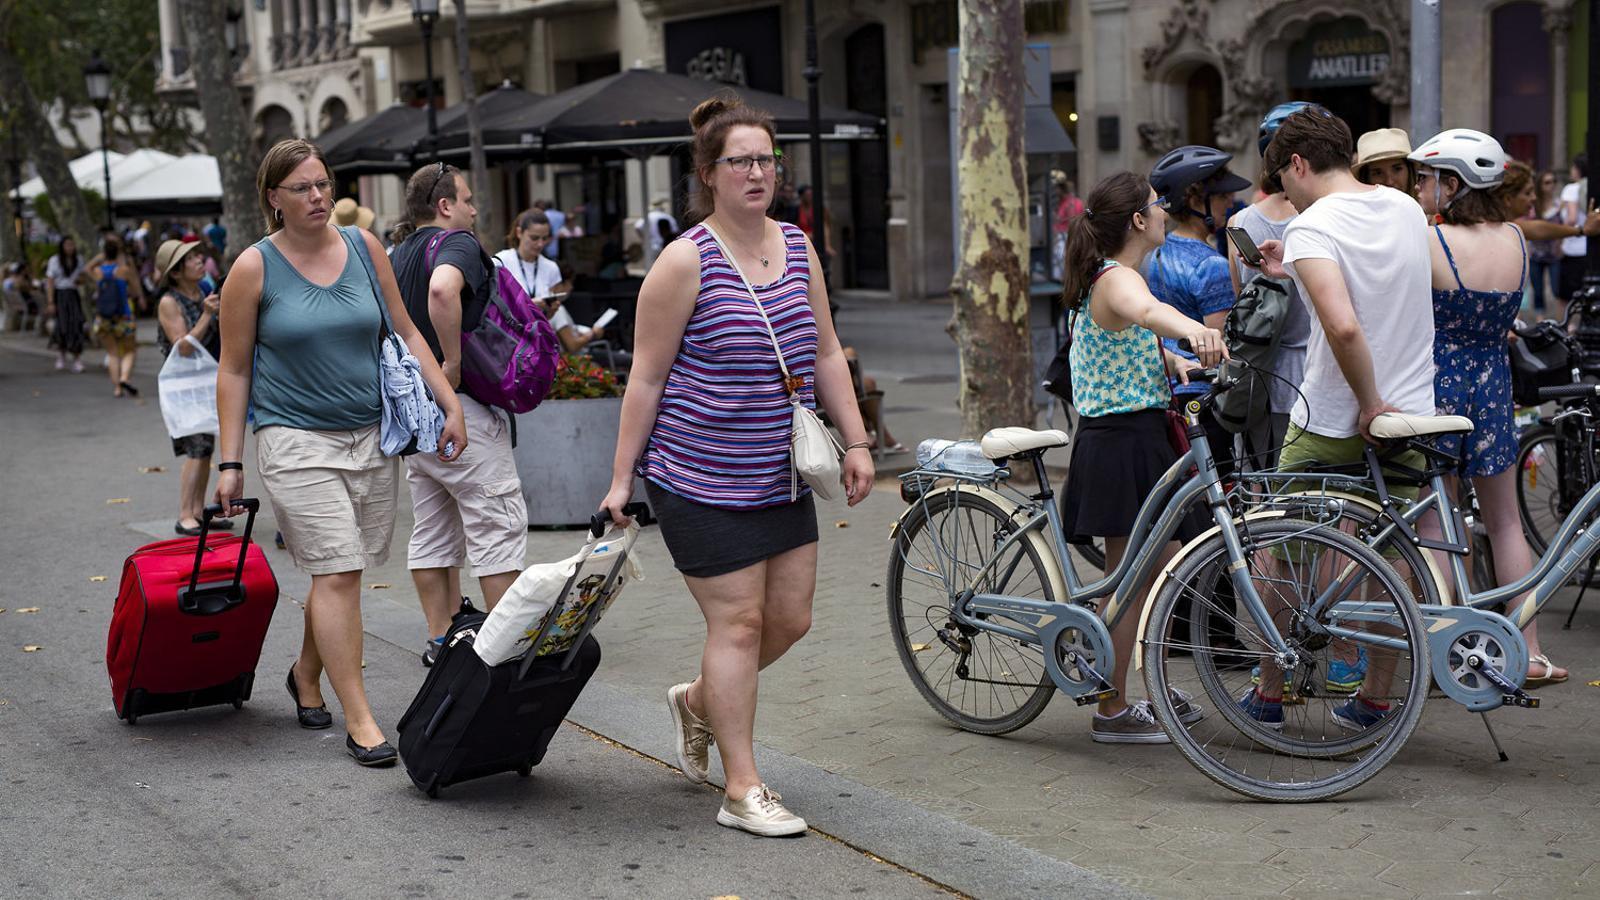 Un grup de turistes al passeig de Gràcia, una de les zones de la ciutat on els visitants fan més compres.